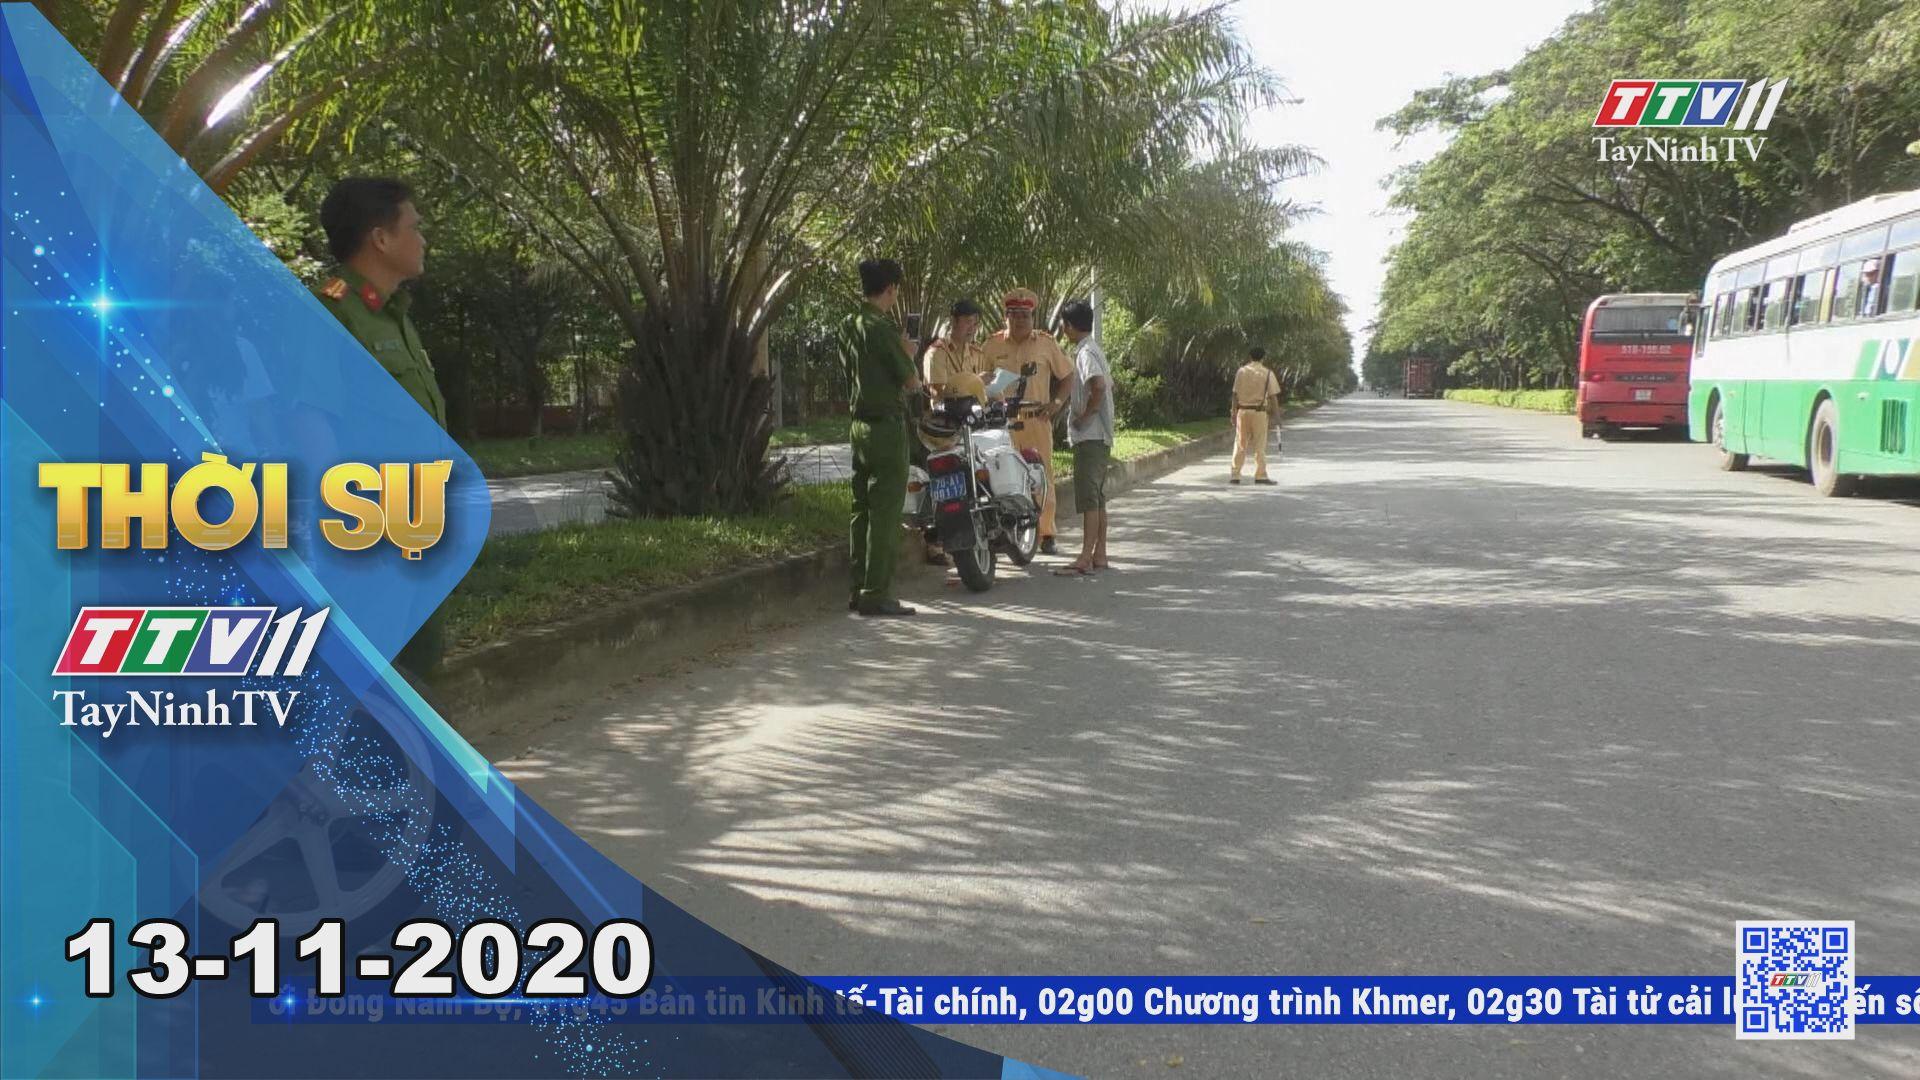 Thời sự Tây Ninh 13-11-2020 | Tin tức hôm nay | TayNinhTV